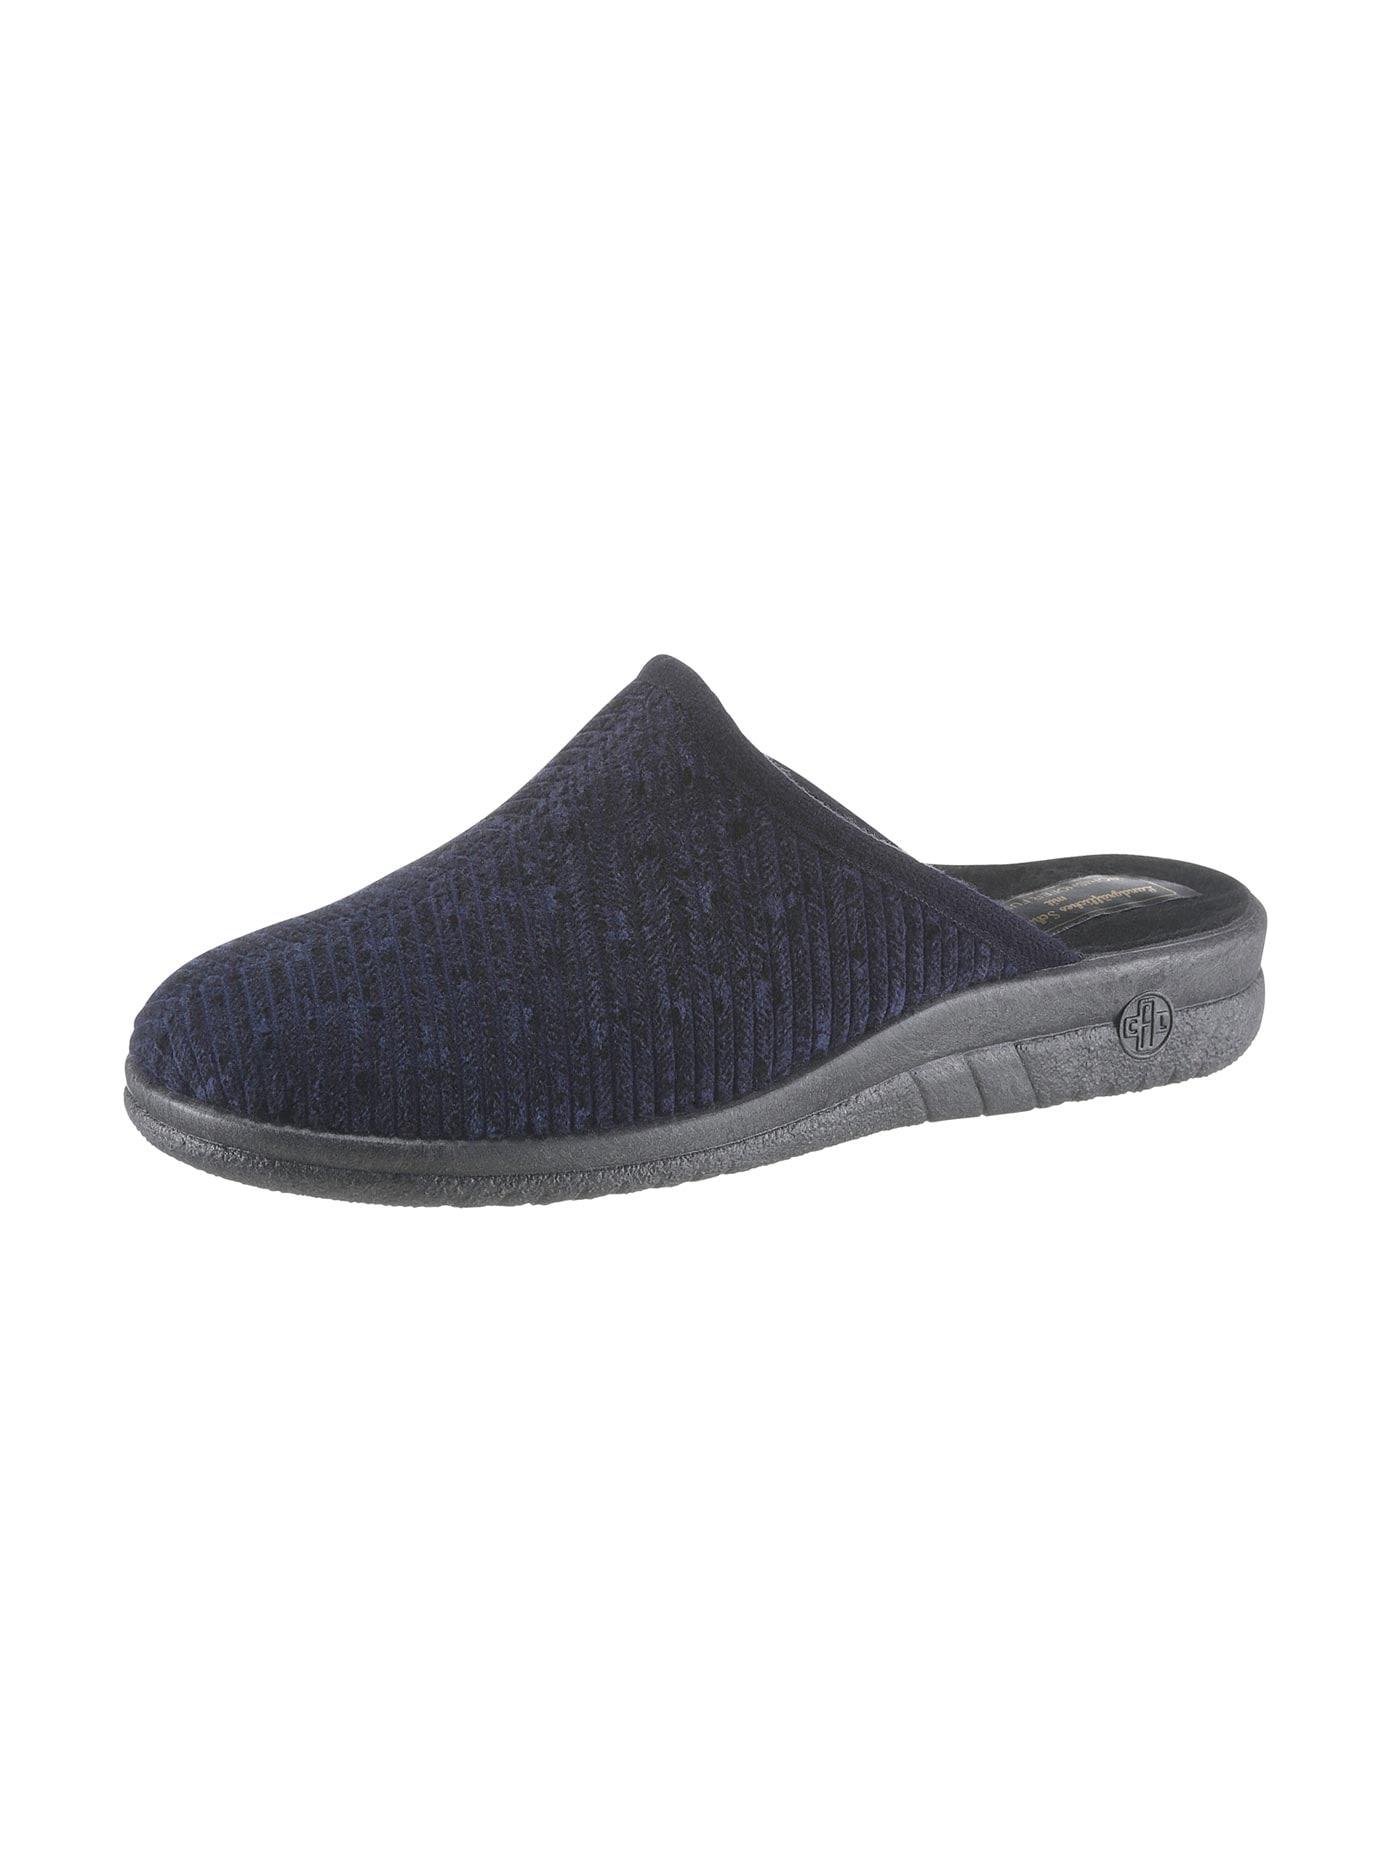 Pantoffel | Schuhe > Hausschuhe > Pantoffeln | Blau